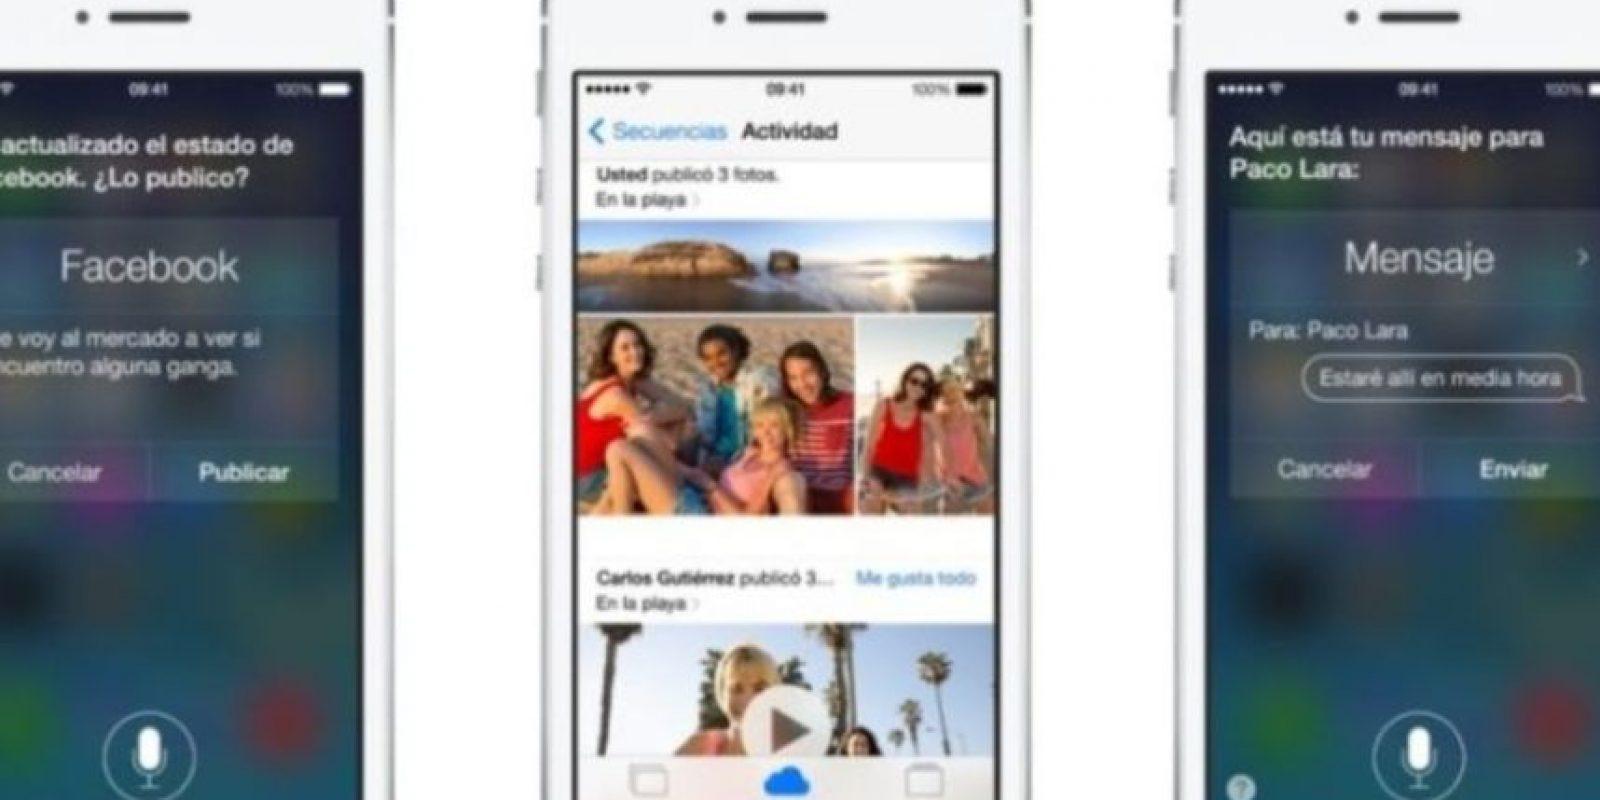 Busca la aplicación idónea para responder a su respuesta. Foto:Apple